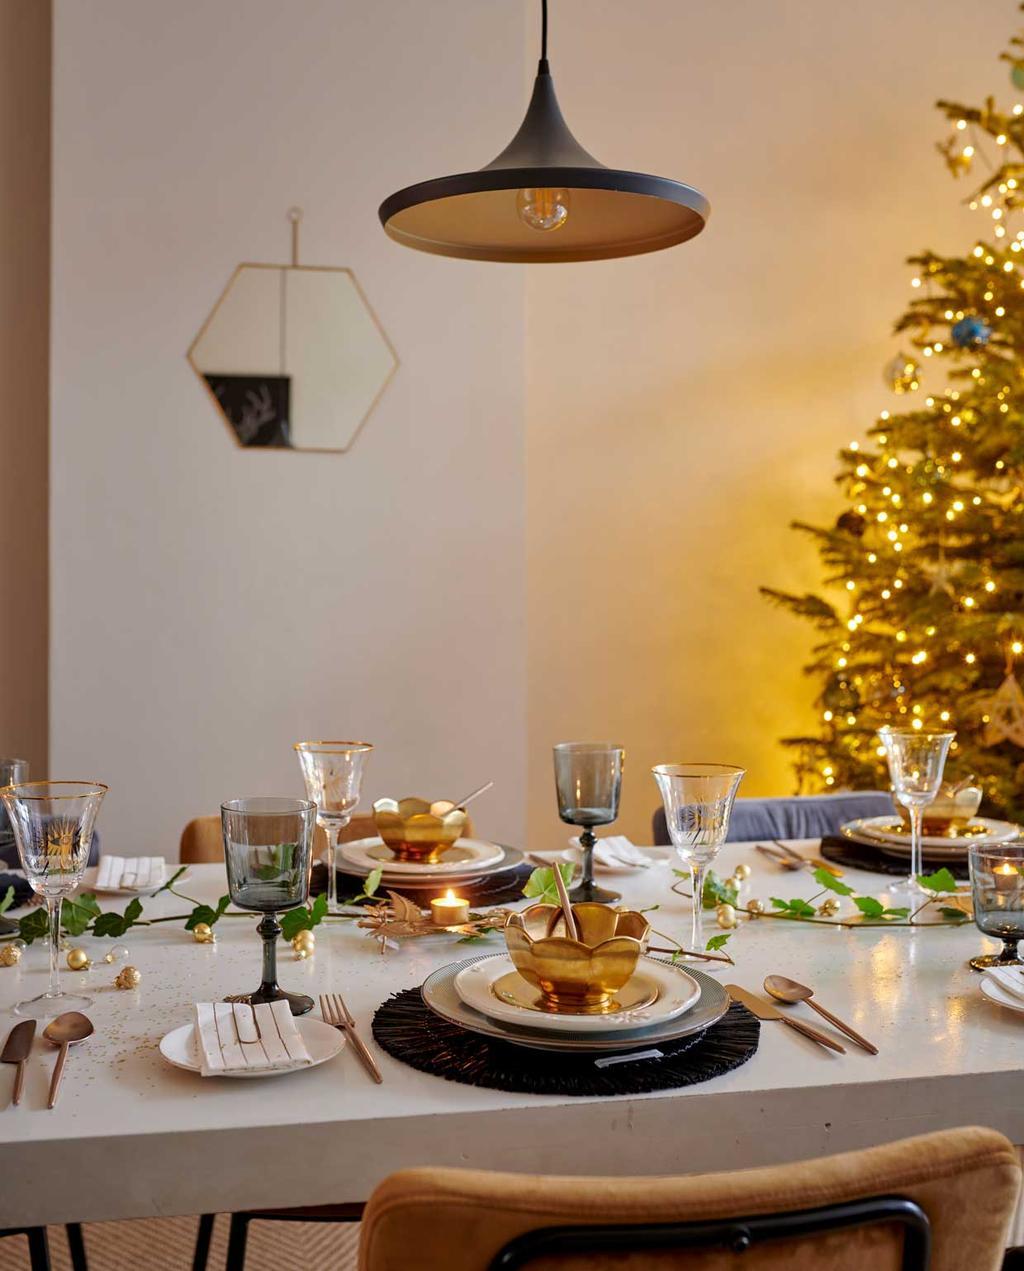 vtwonen 12-2020 | binnenkijken 100 jaar oud herenhuis haarlem | gedekte tafel met goud en kerstboom